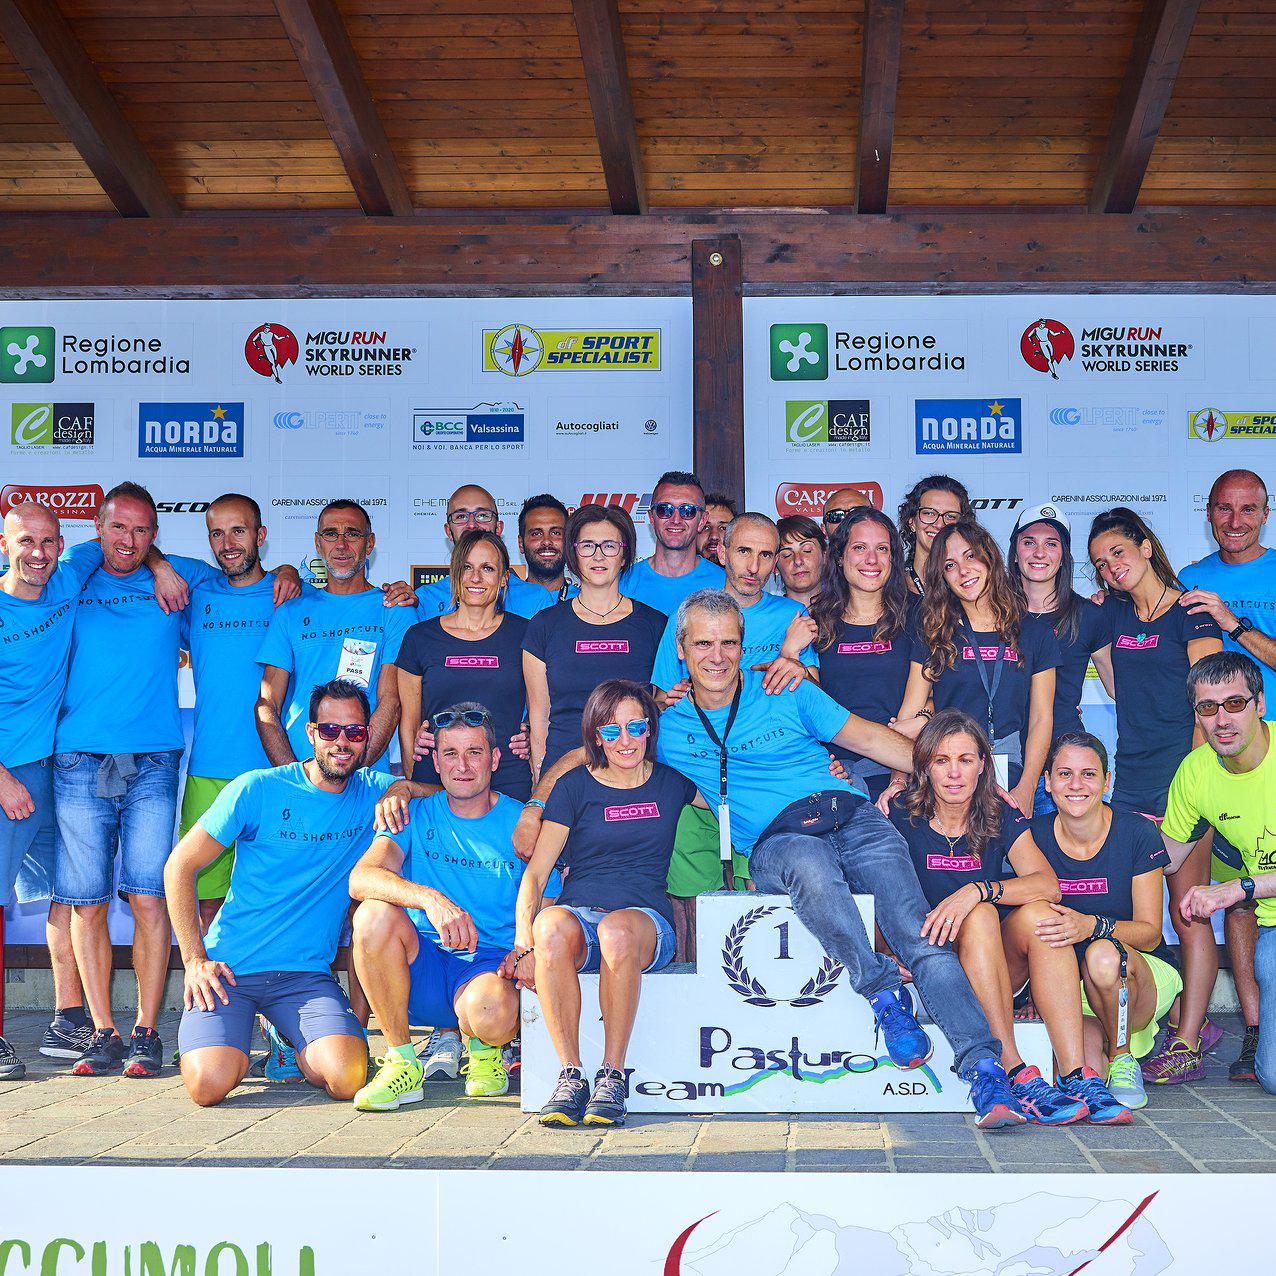 Team Pasturo Asd